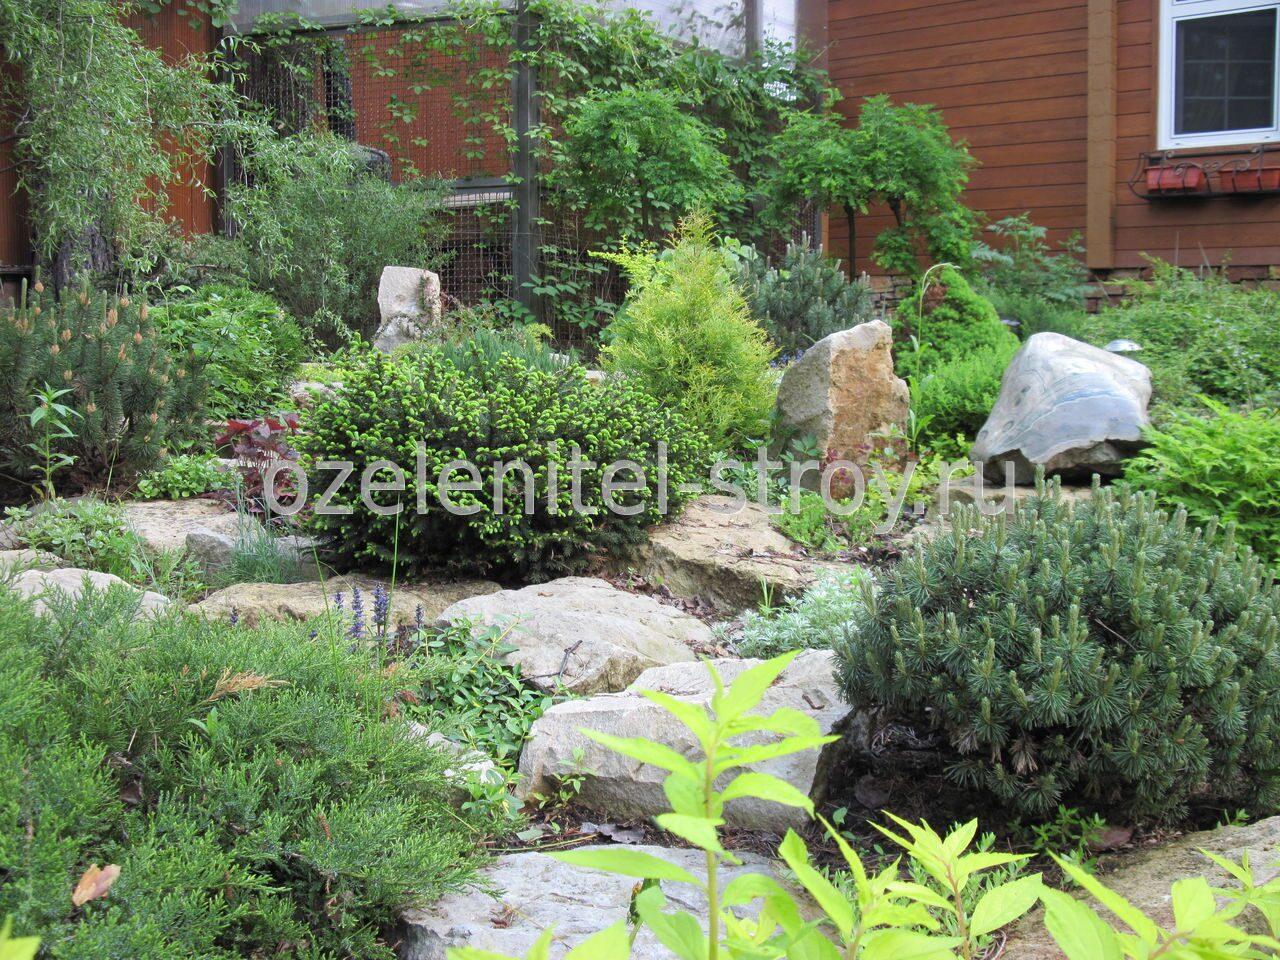 Ландшафтный дизайн дачного участка | Фотогалерея ...: http://ozelenitel-stroy.ru/fotogalereya_landshaftno?view=543125001